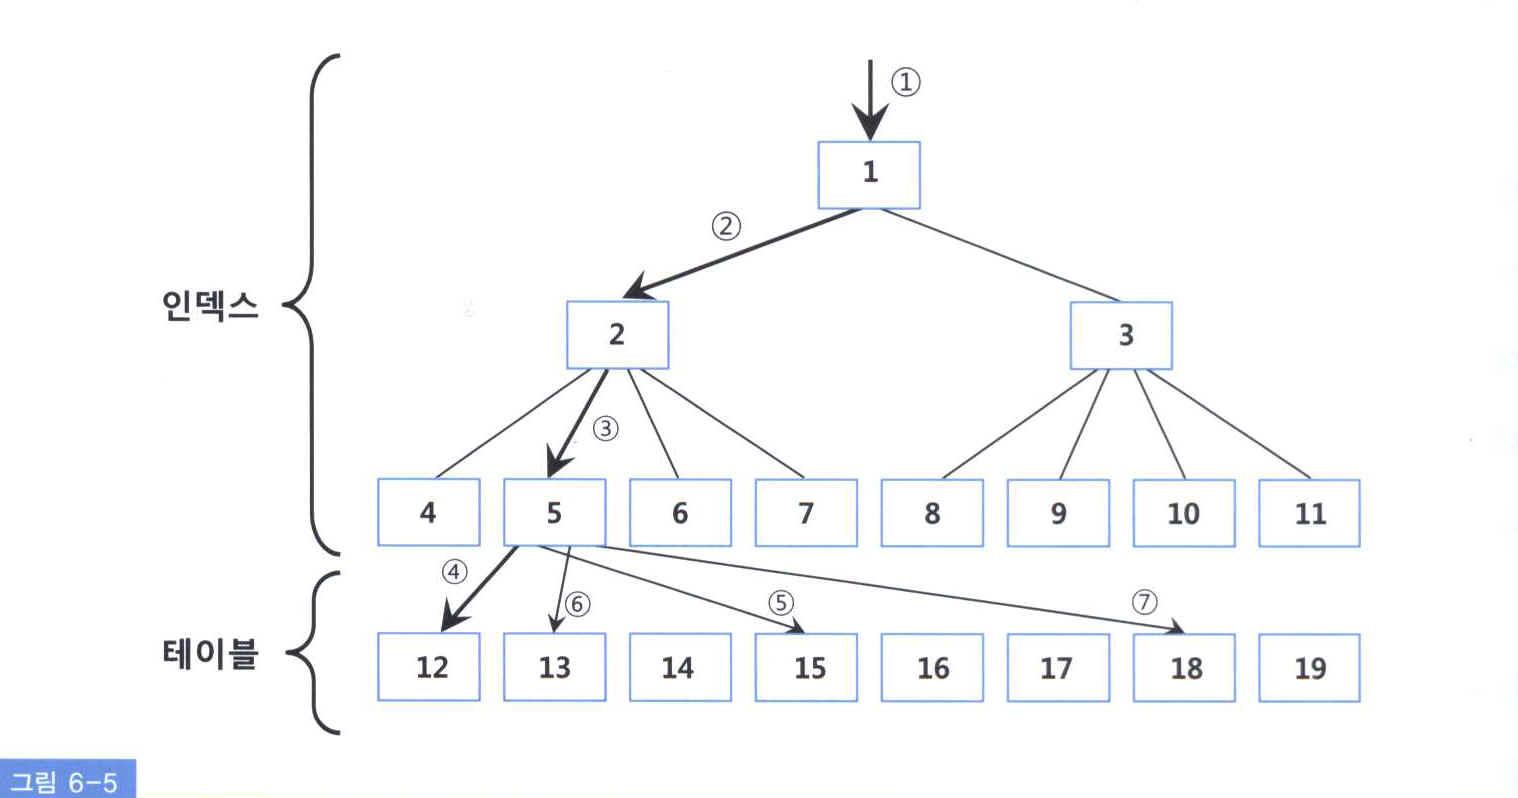 fig6-5.jpg